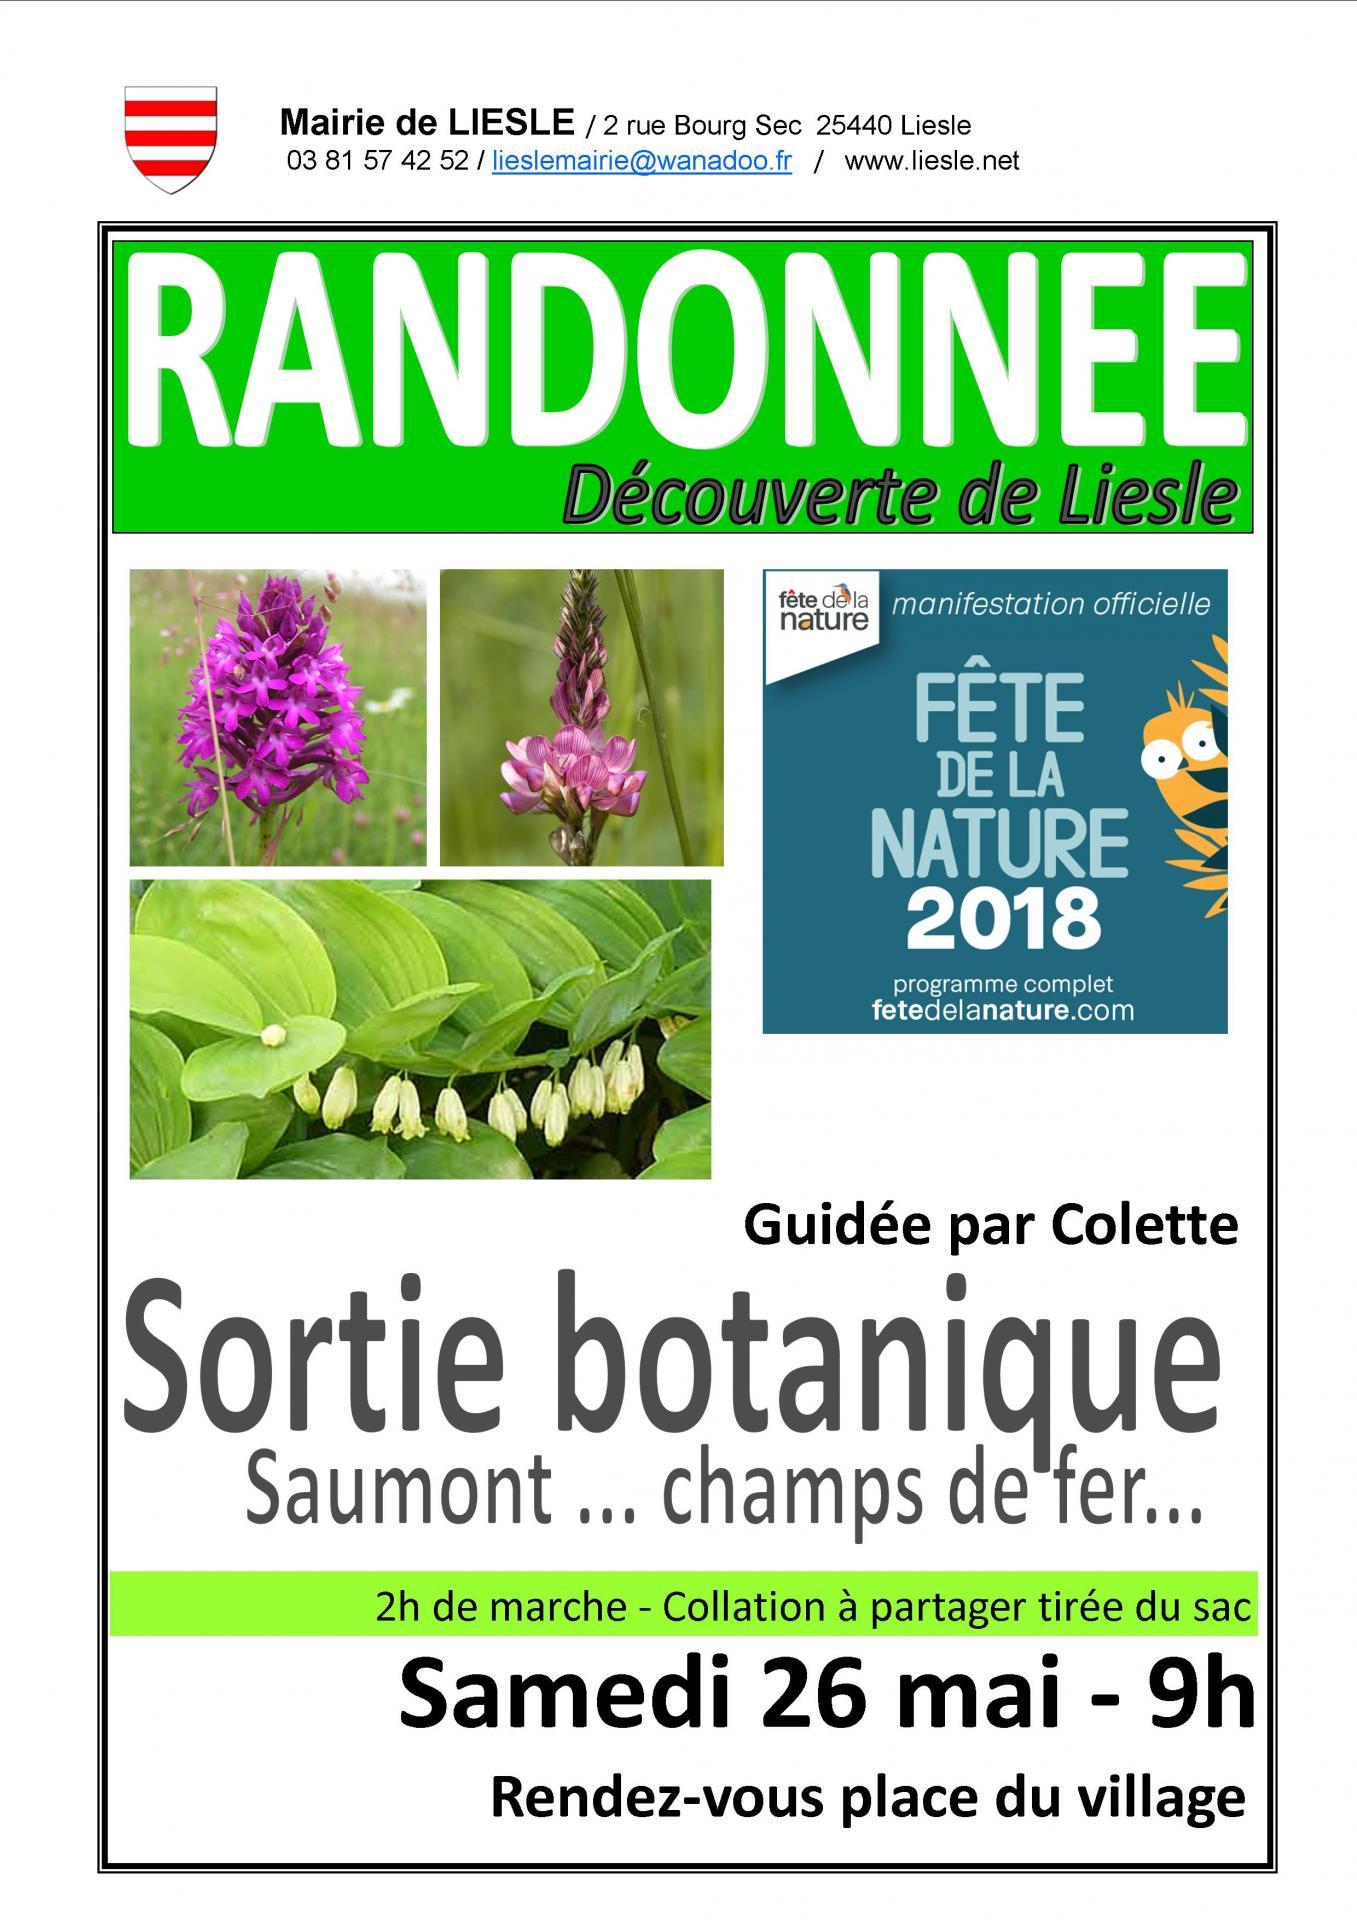 Affiche randonnee botanique